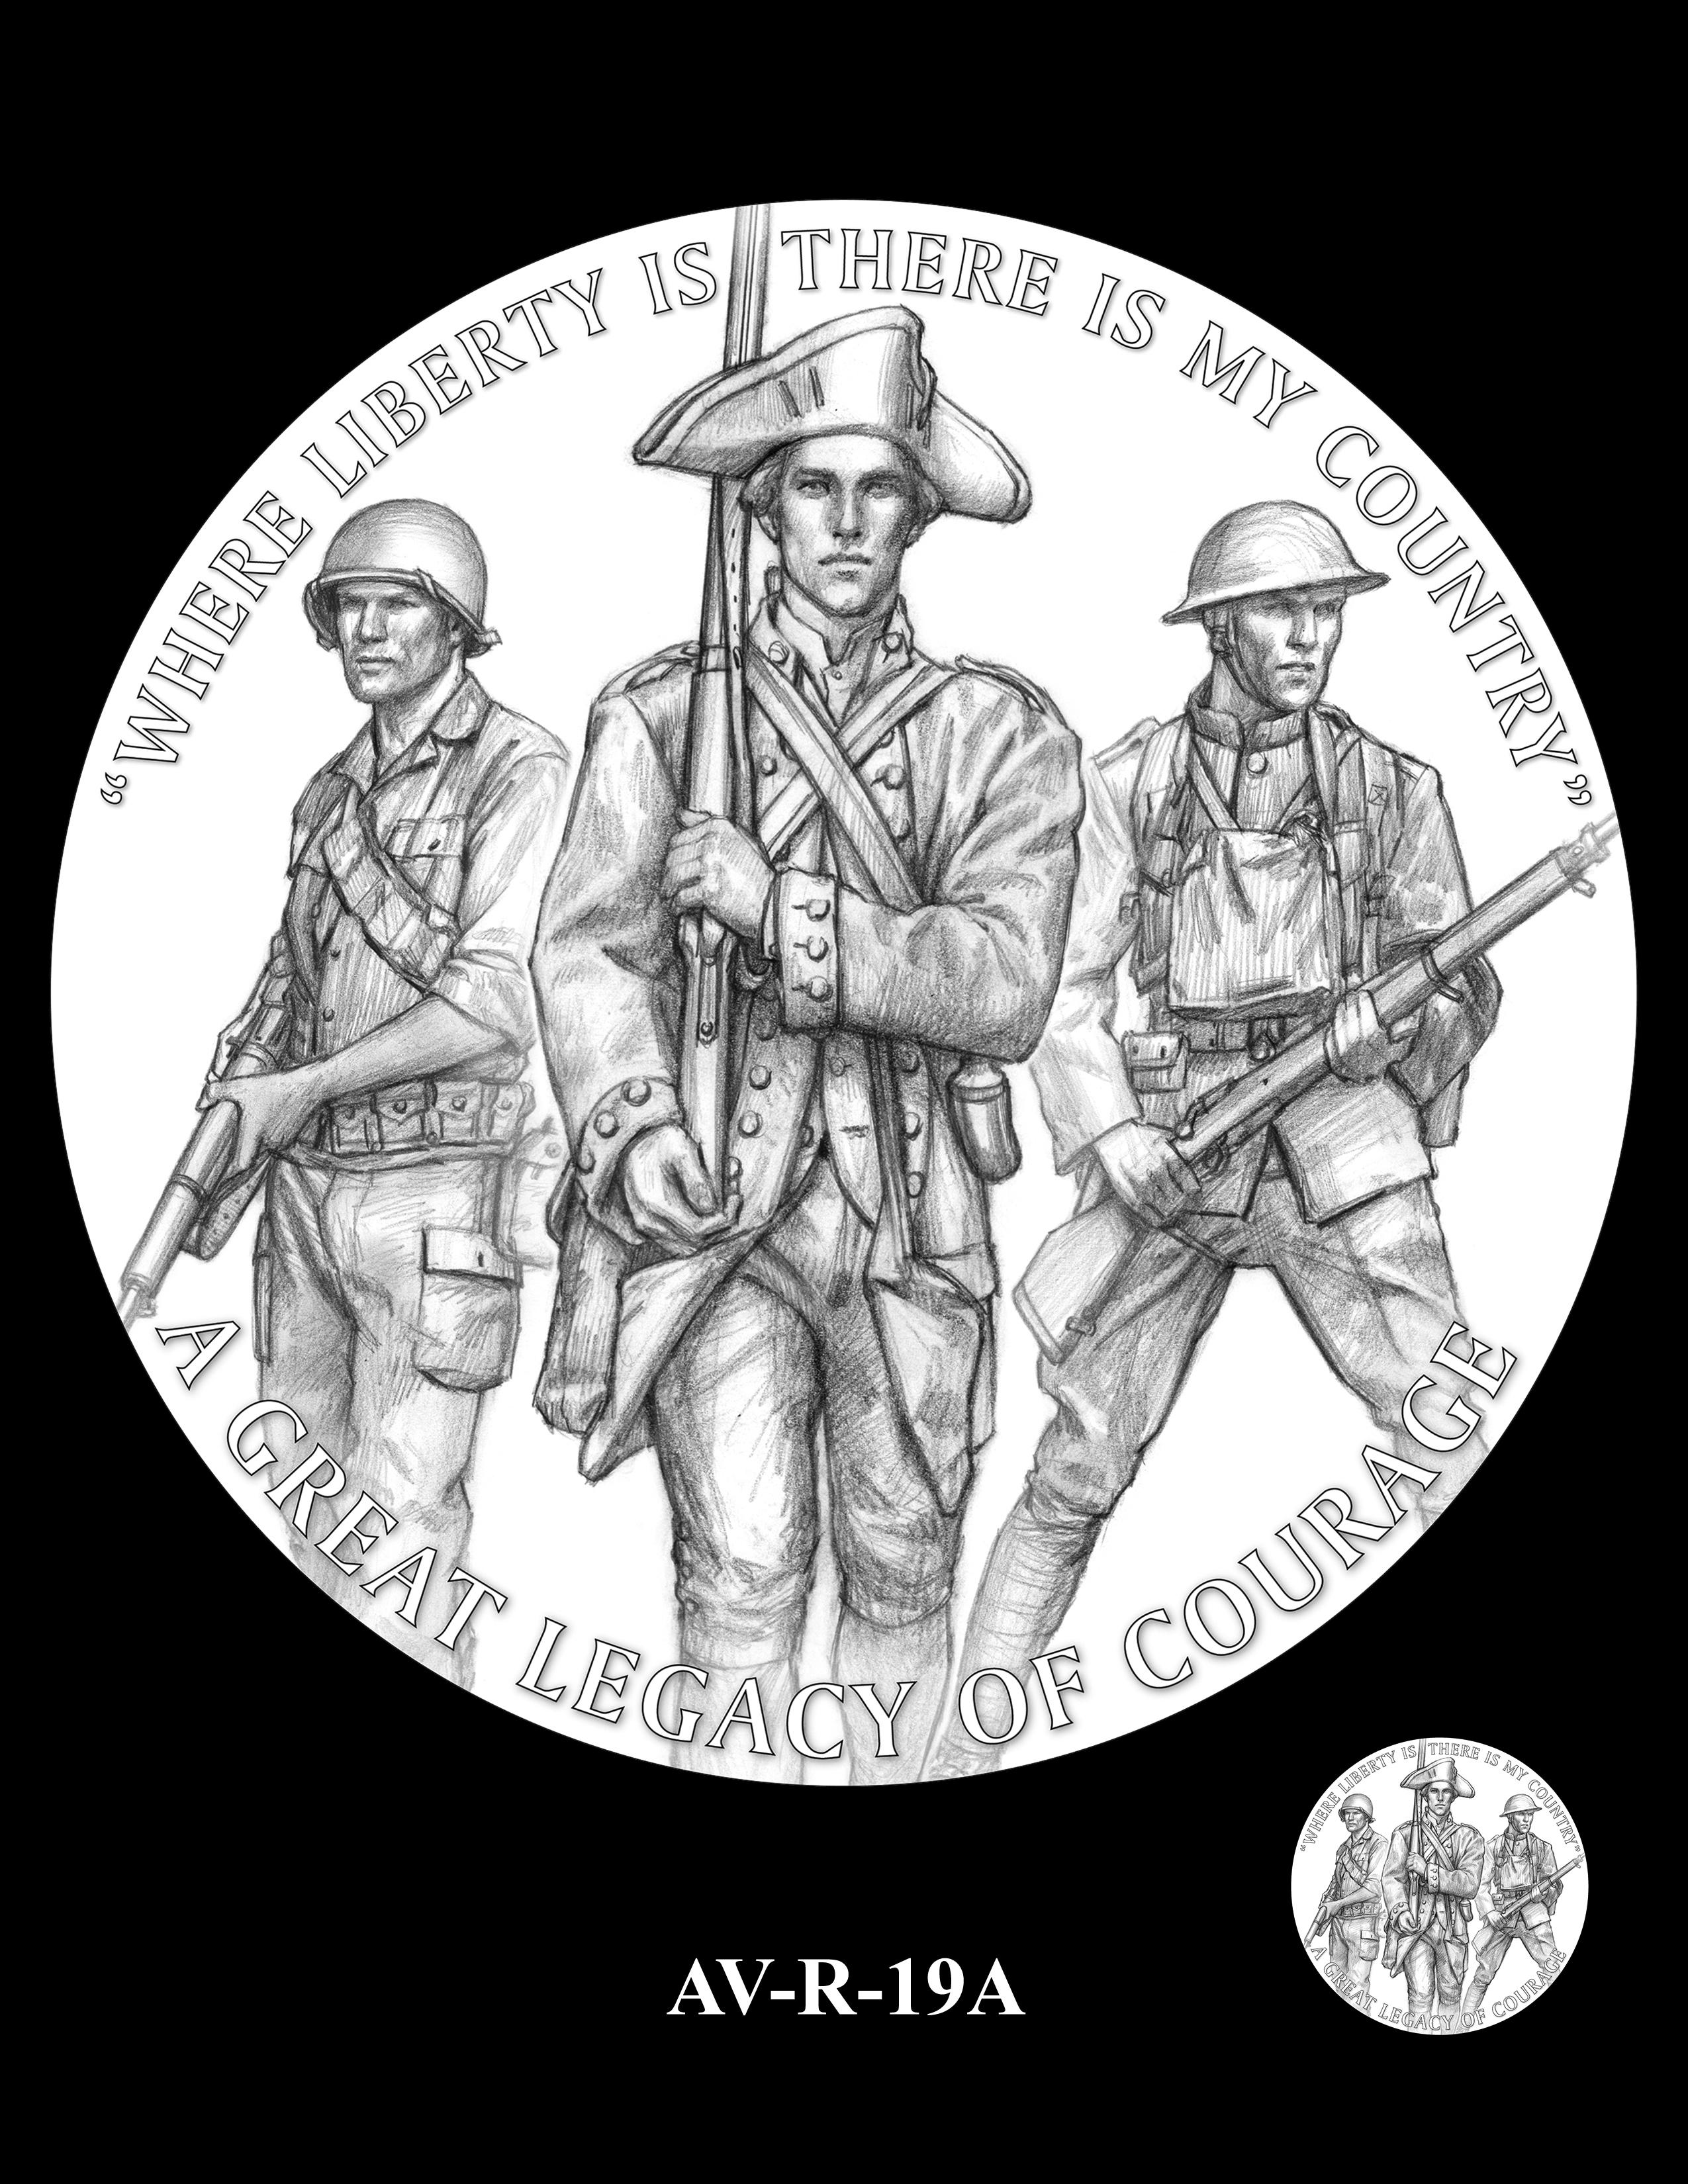 AV-R-19A - American Veterans Medal